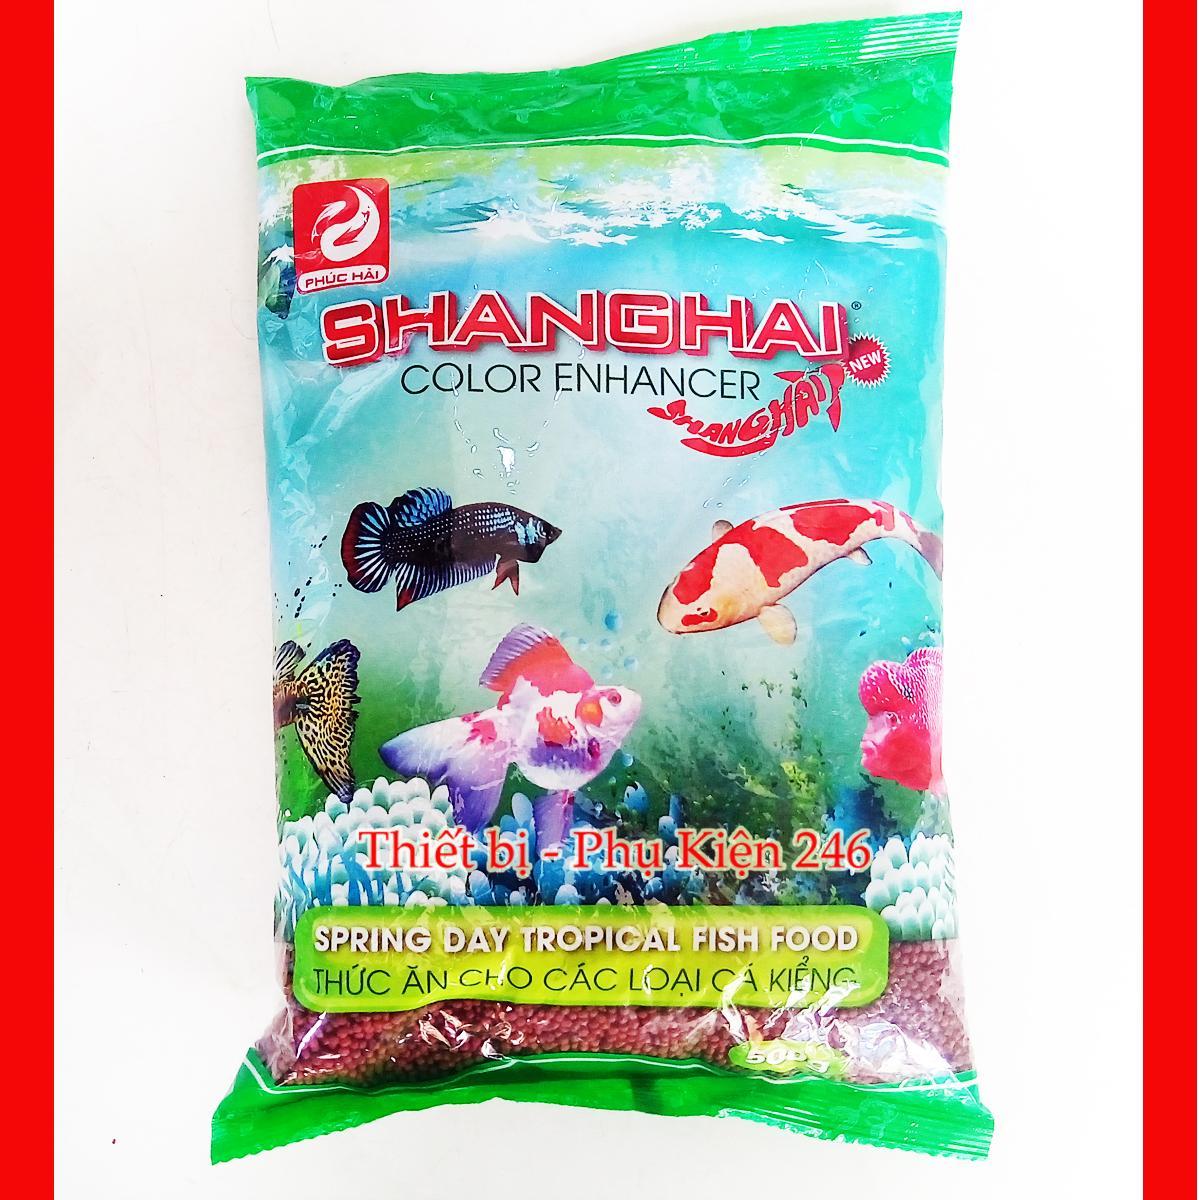 Thức ăn cá cảnh giúp Cá khỏe đẹp Shanghai 500gram